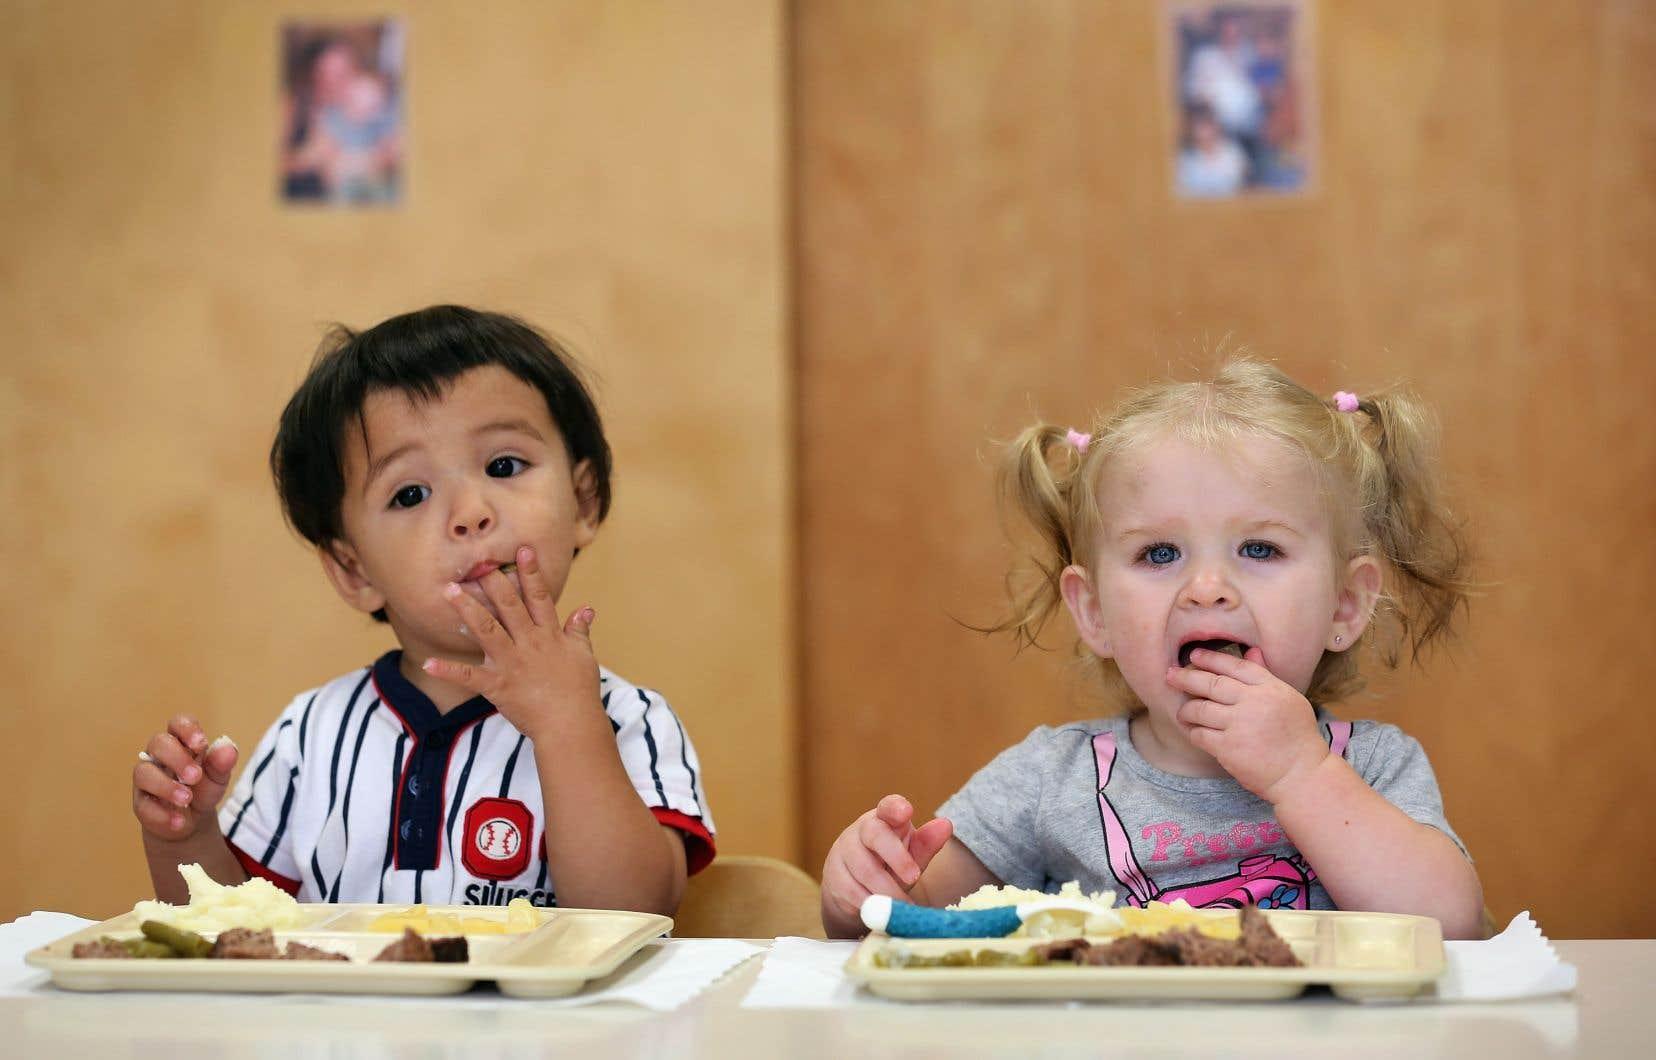 Une bonne alimentation contribue au développement des aptitudes cognitives des élèves et favorise la réussite scolaire, rappelle l'auteure.